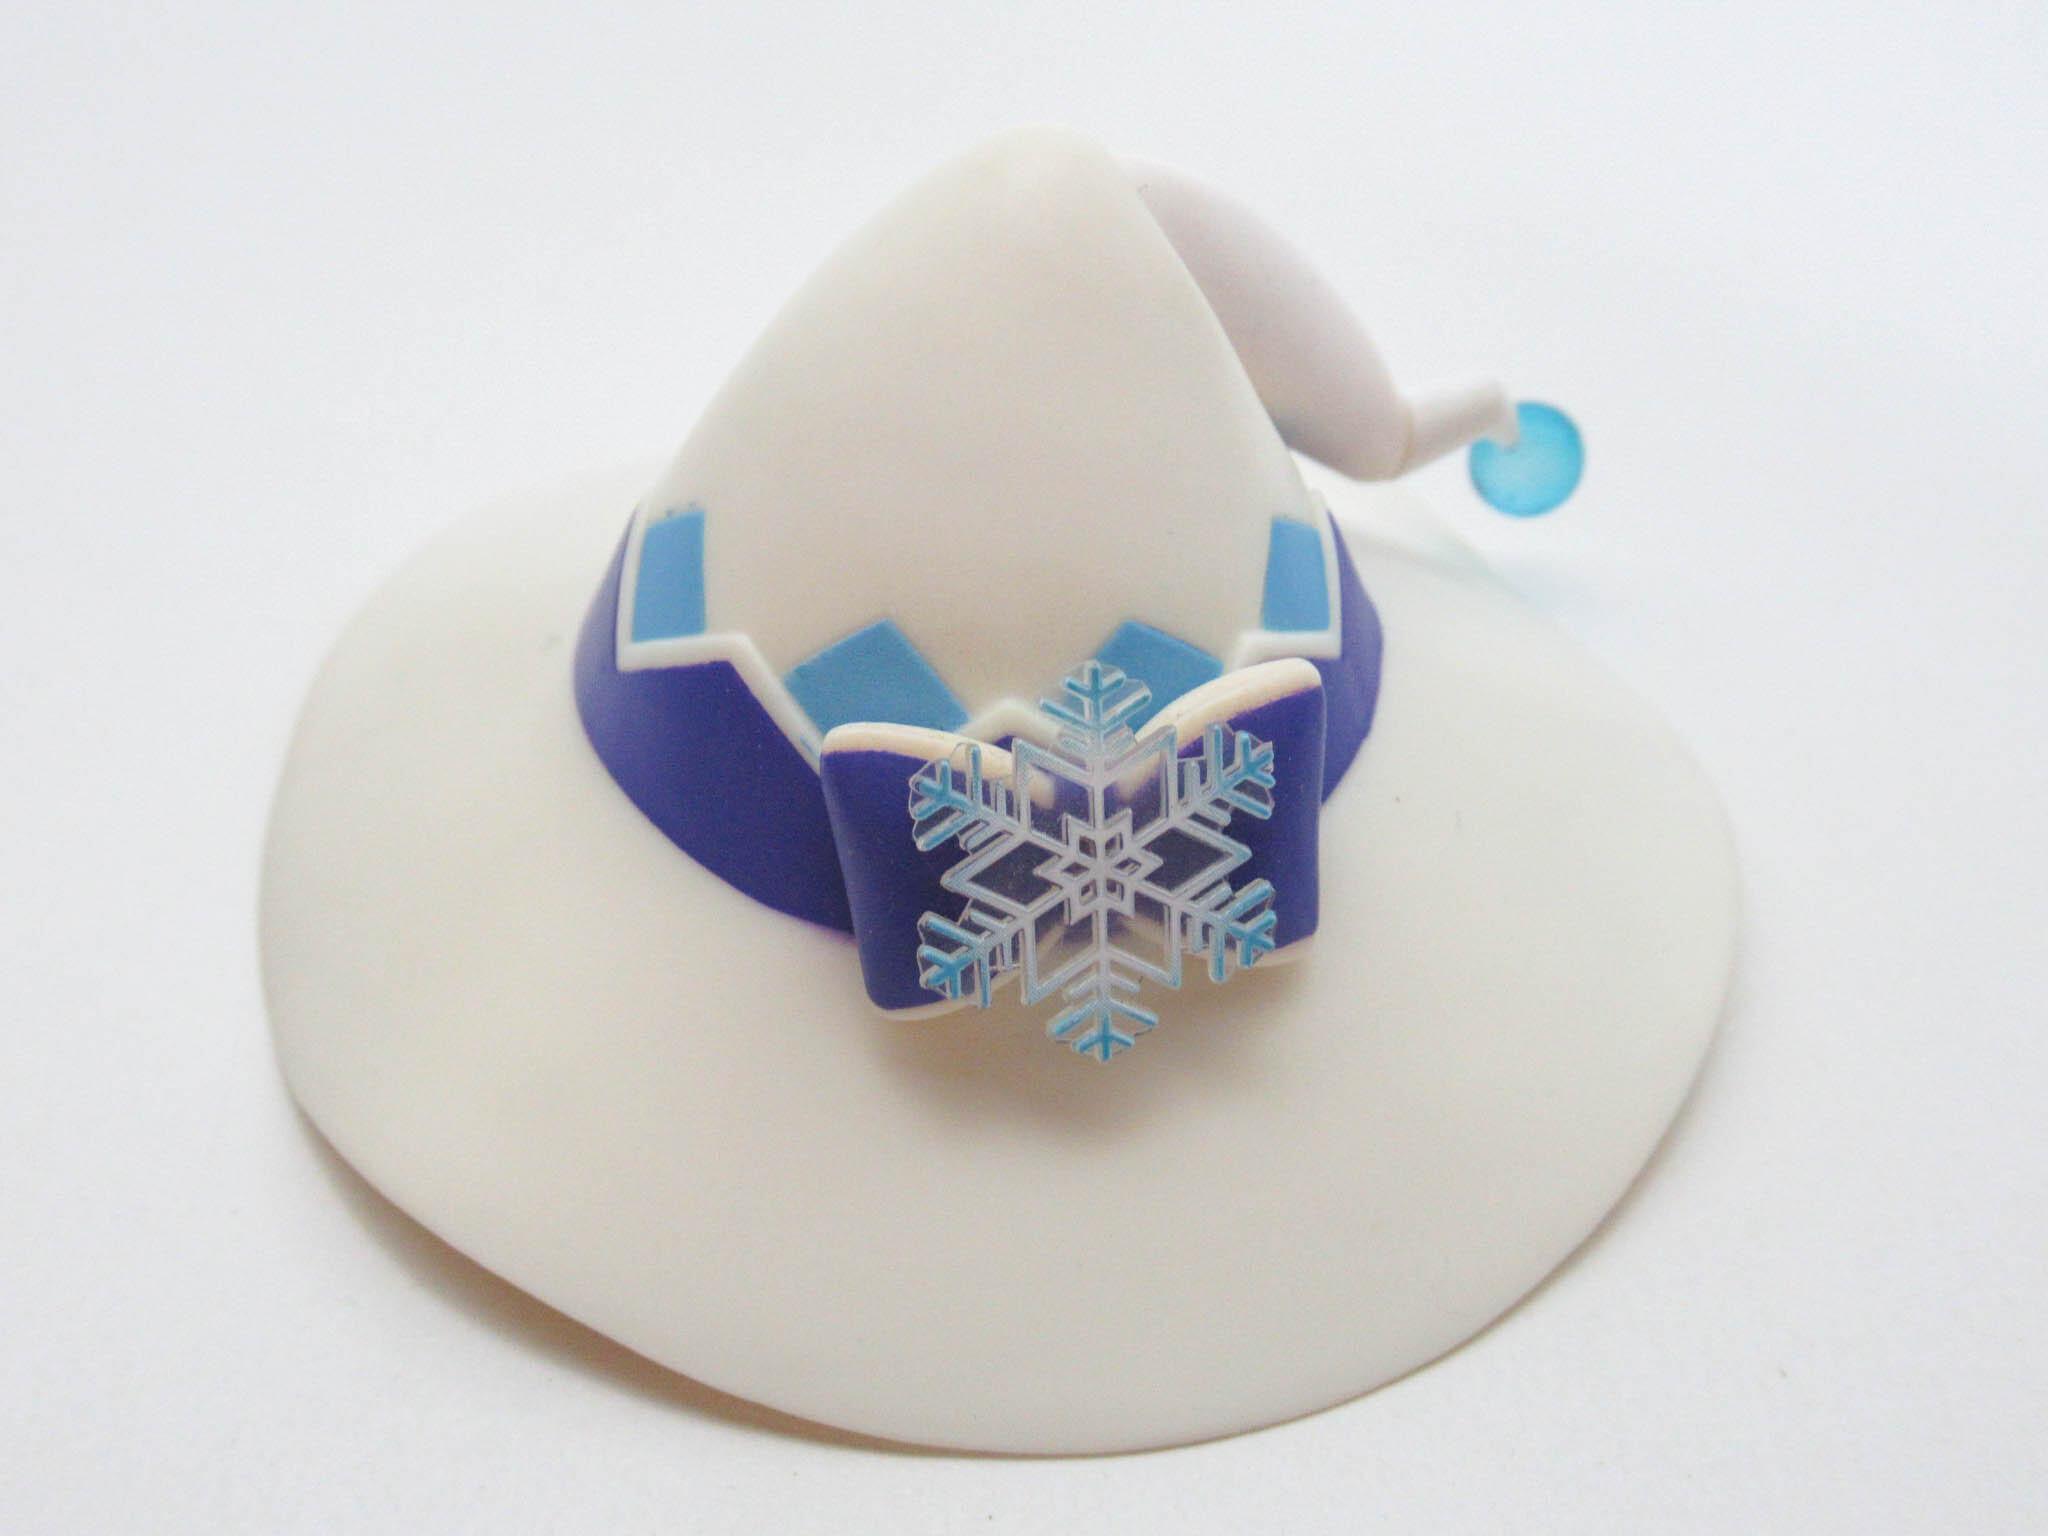 ※【SALE】【380】 雪ミク Magical Snow Ver. 小物パーツ 帽子 (Bランク) ねんどろいど